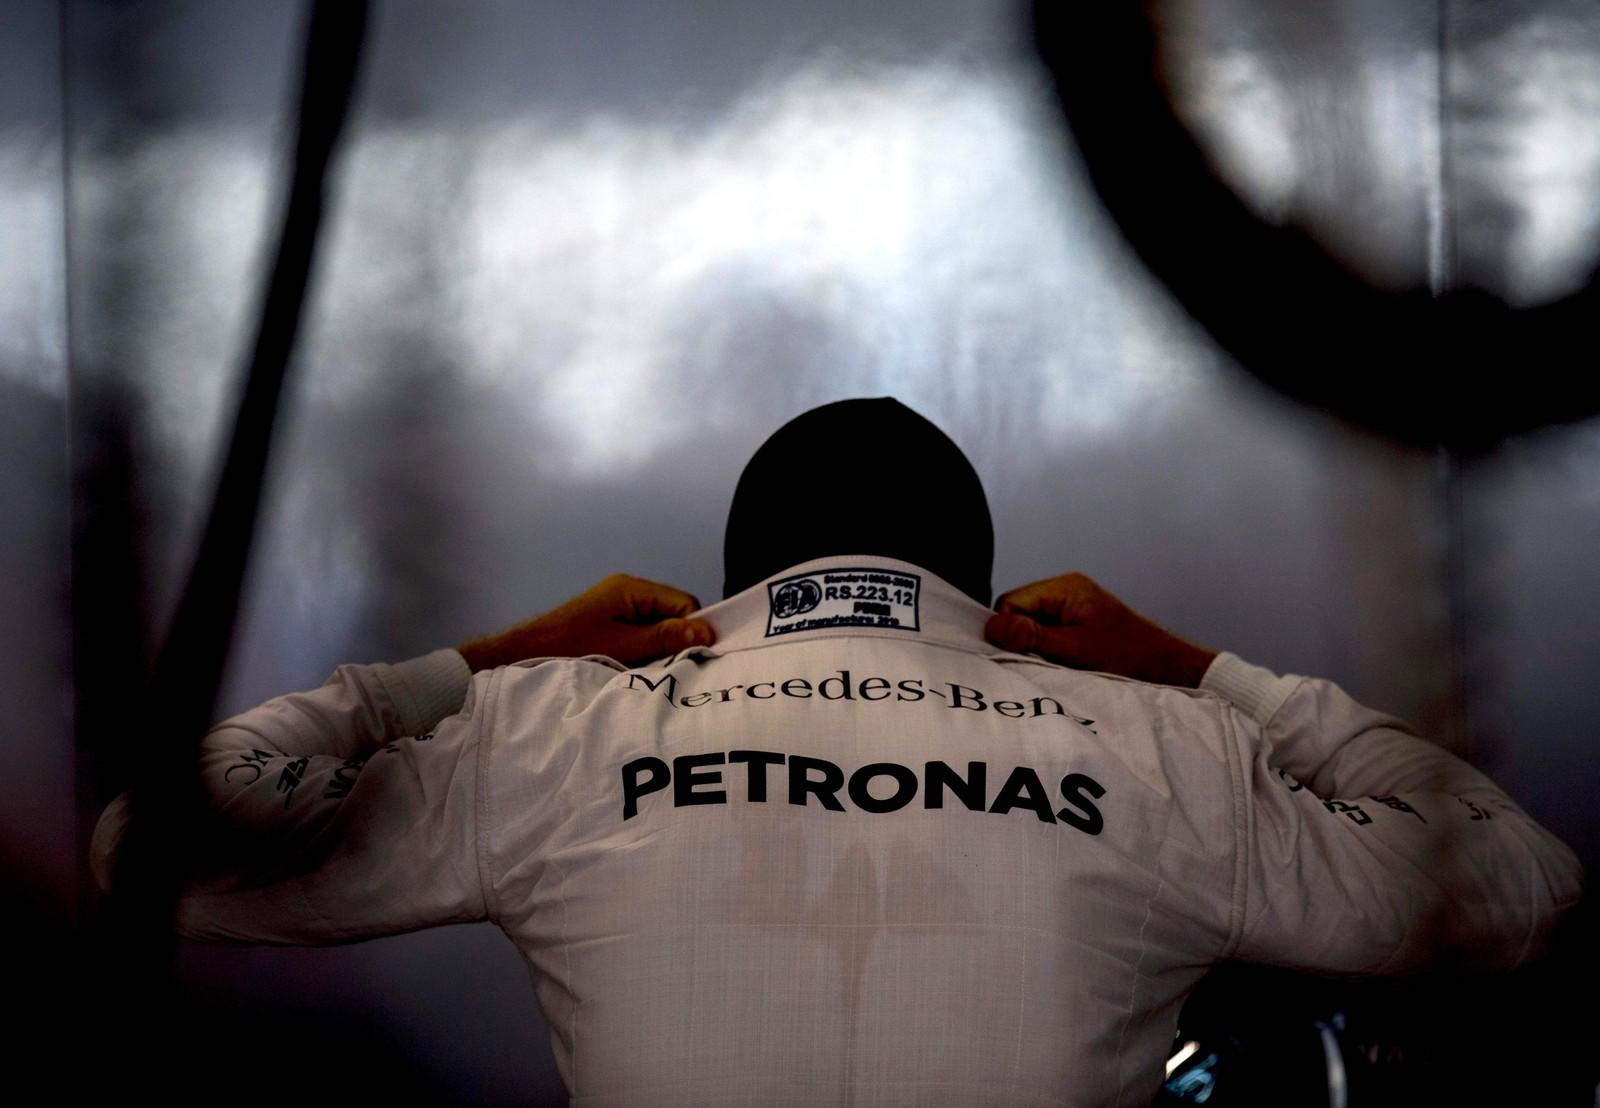 Nesten klar for stor fart. Formel 1-sjåfør Lewis Hamilton gjør seg klar til en treningsrunde i Spa i Belgia den 26. august.